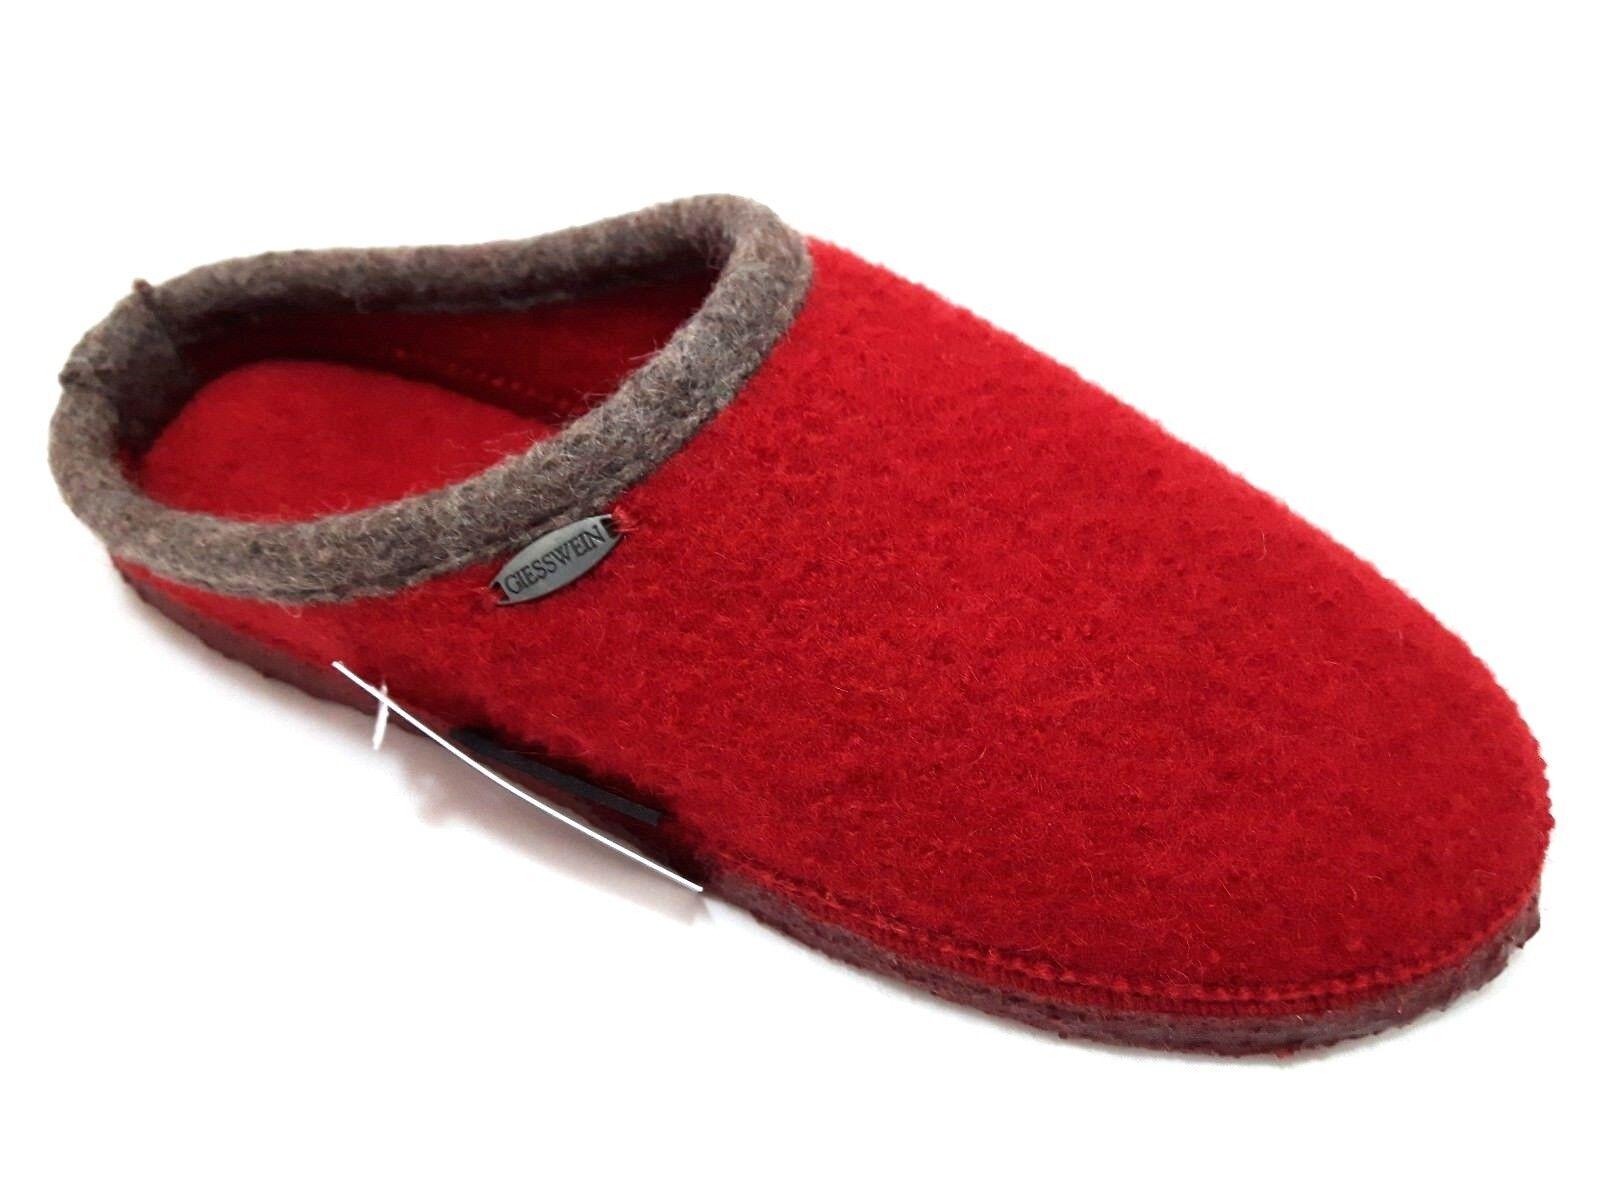 GIESSWEIN DANNHEIM ciabatte pantofole rosso kirsche lana donna uomo unisex